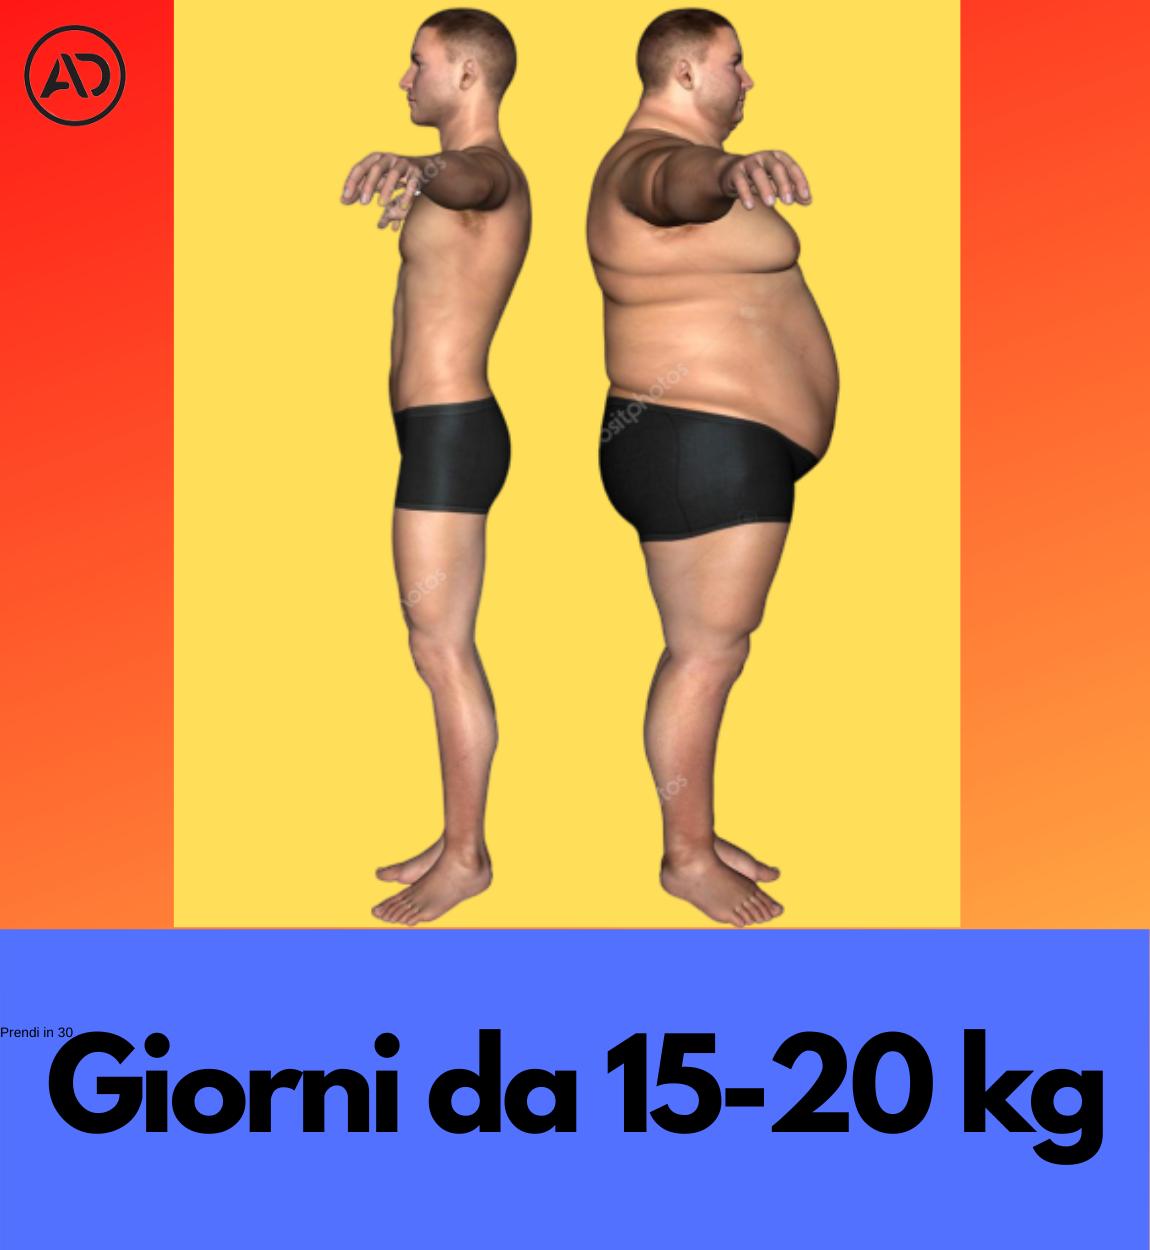 Wenn Sie an Übergewicht leiden und nicht wissen, wie Sie am besten abnehmen können. Lesen Sie dann d...